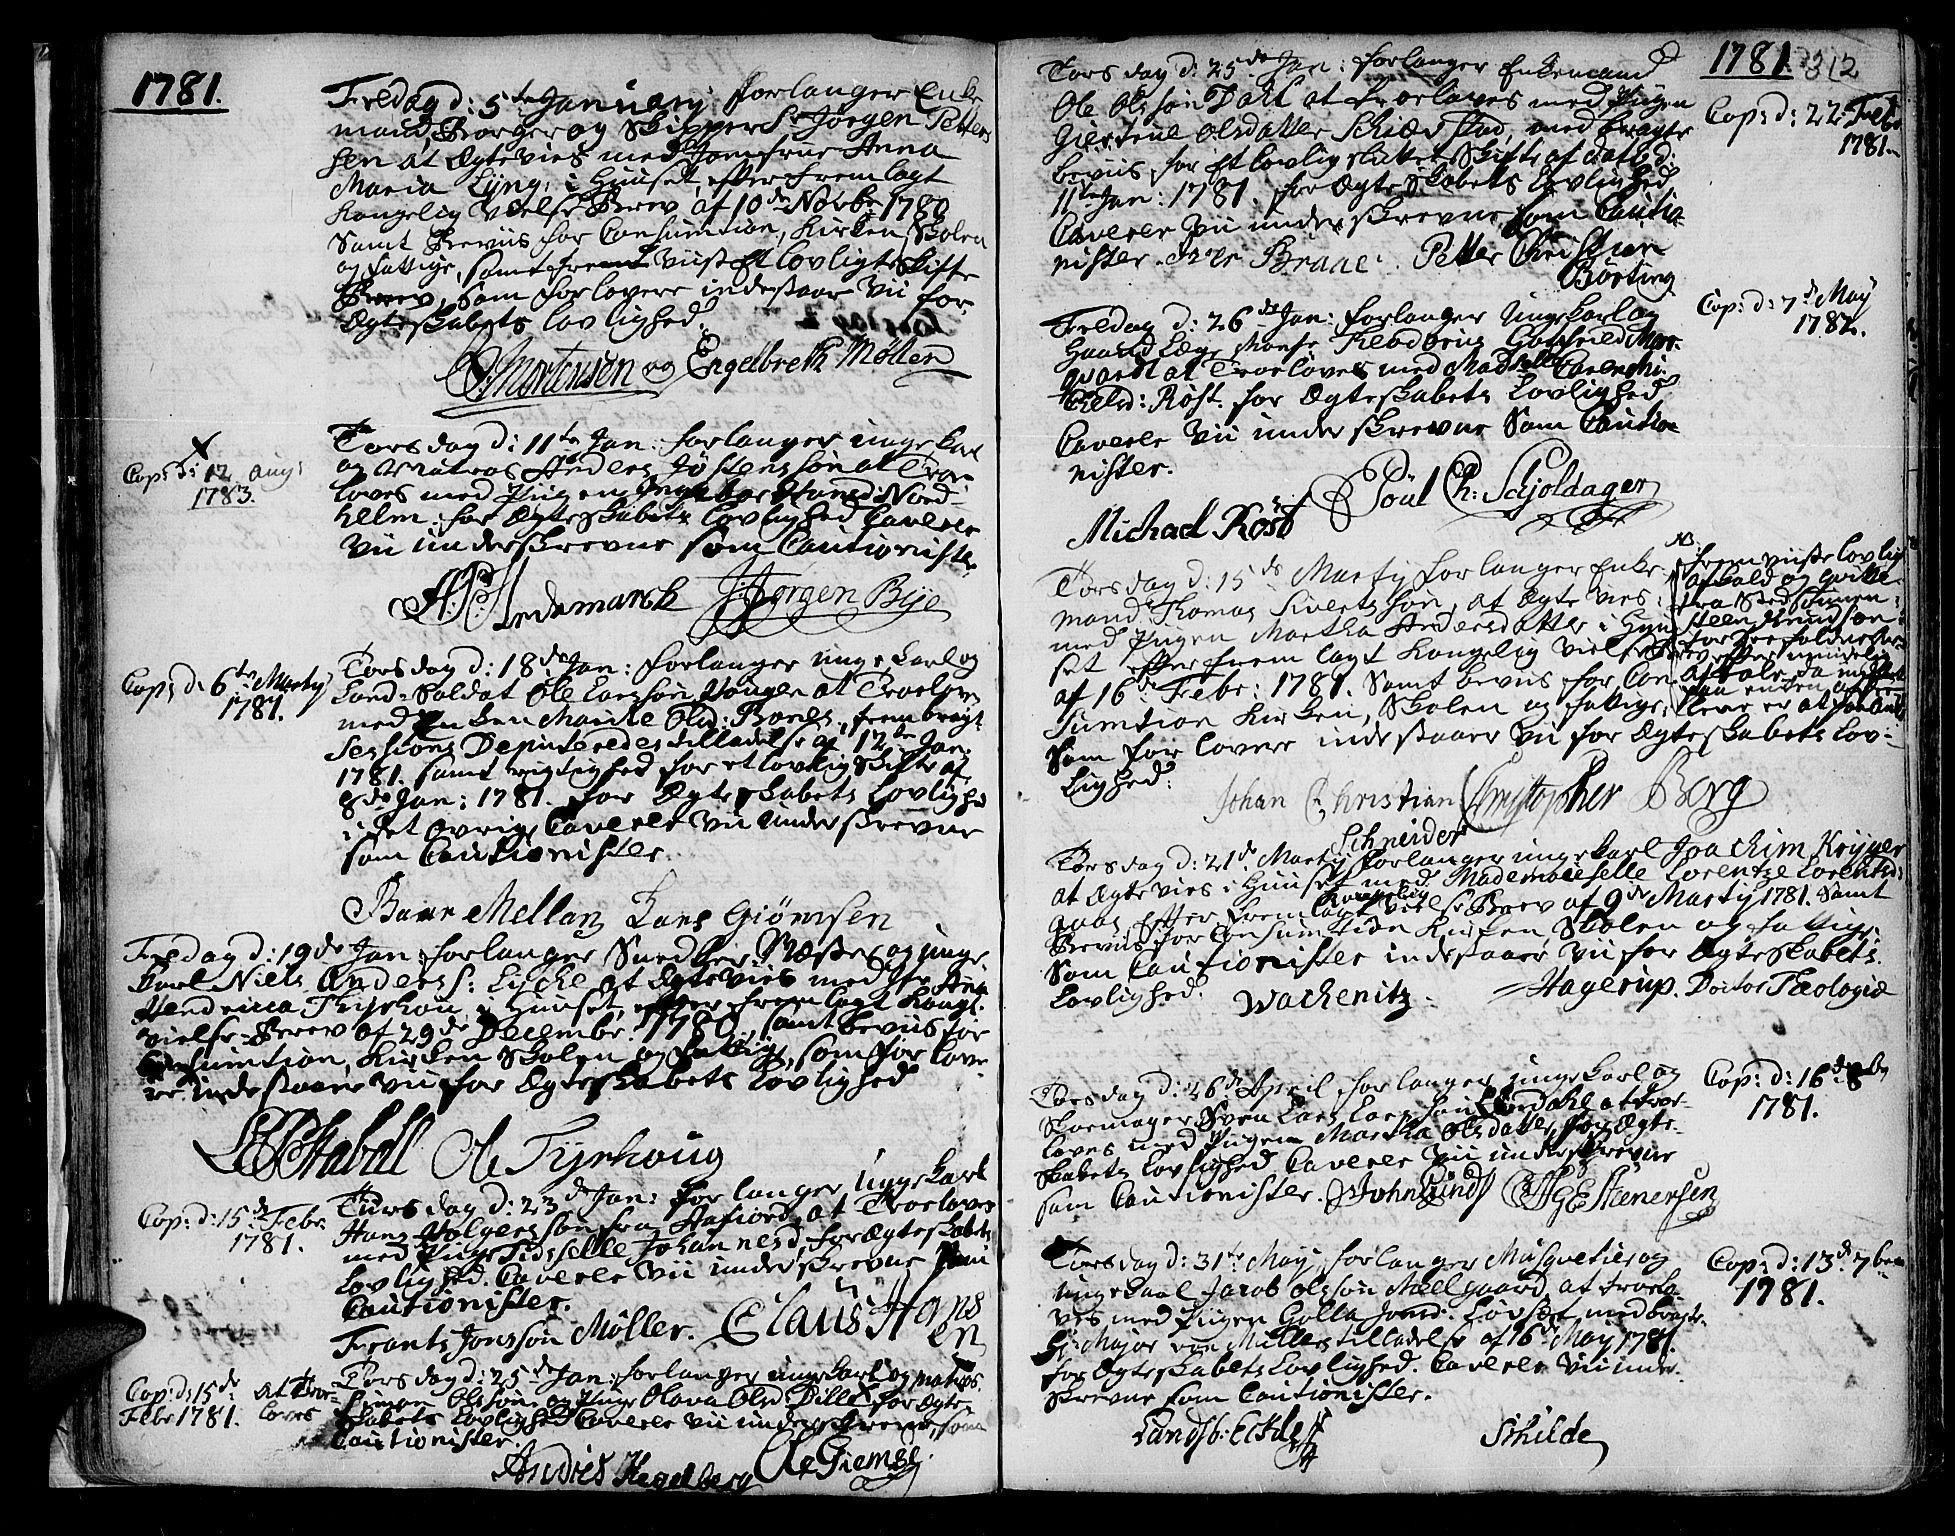 SAT, Ministerialprotokoller, klokkerbøker og fødselsregistre - Sør-Trøndelag, 601/L0038: Ministerialbok nr. 601A06, 1766-1877, s. 312